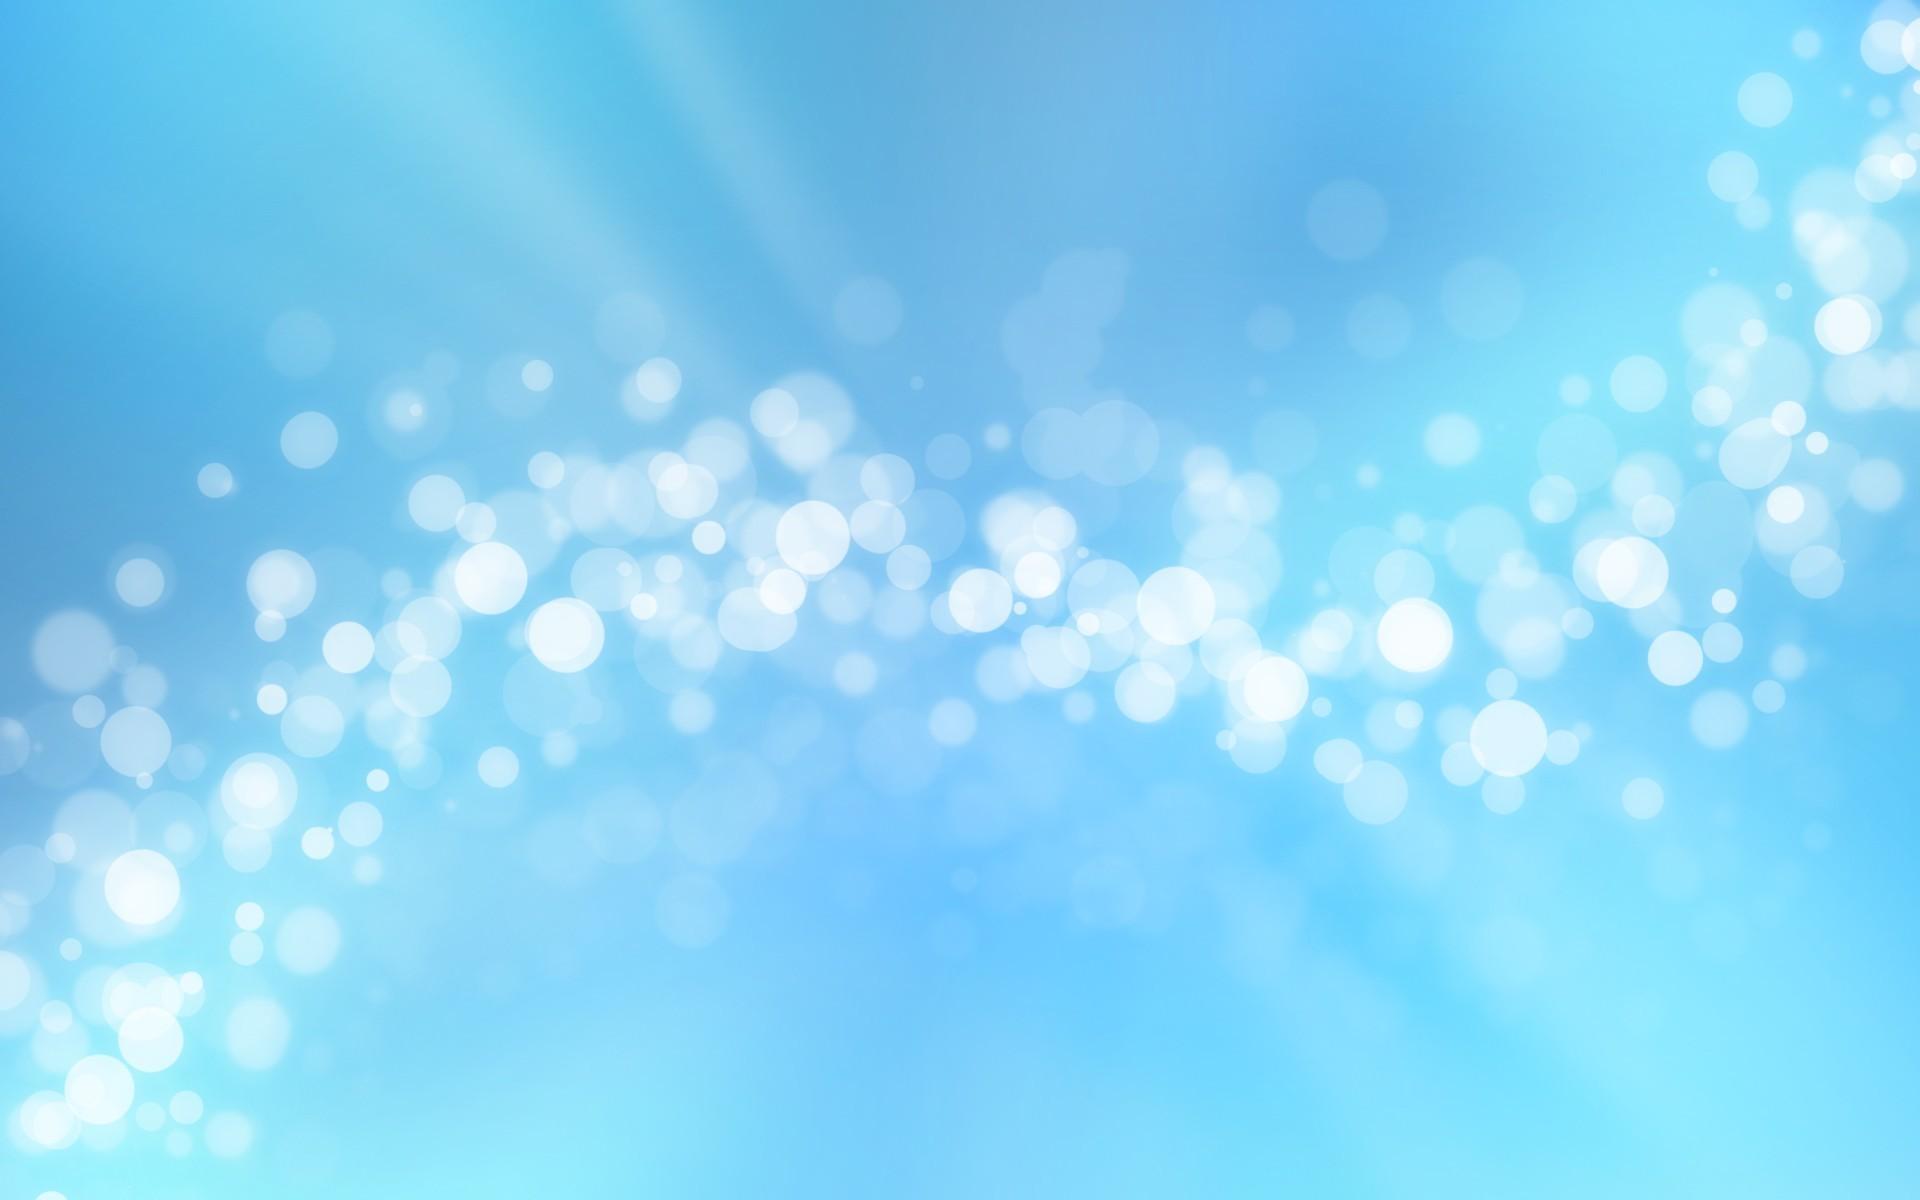 Abstract Light Blue Wallpaper 2643